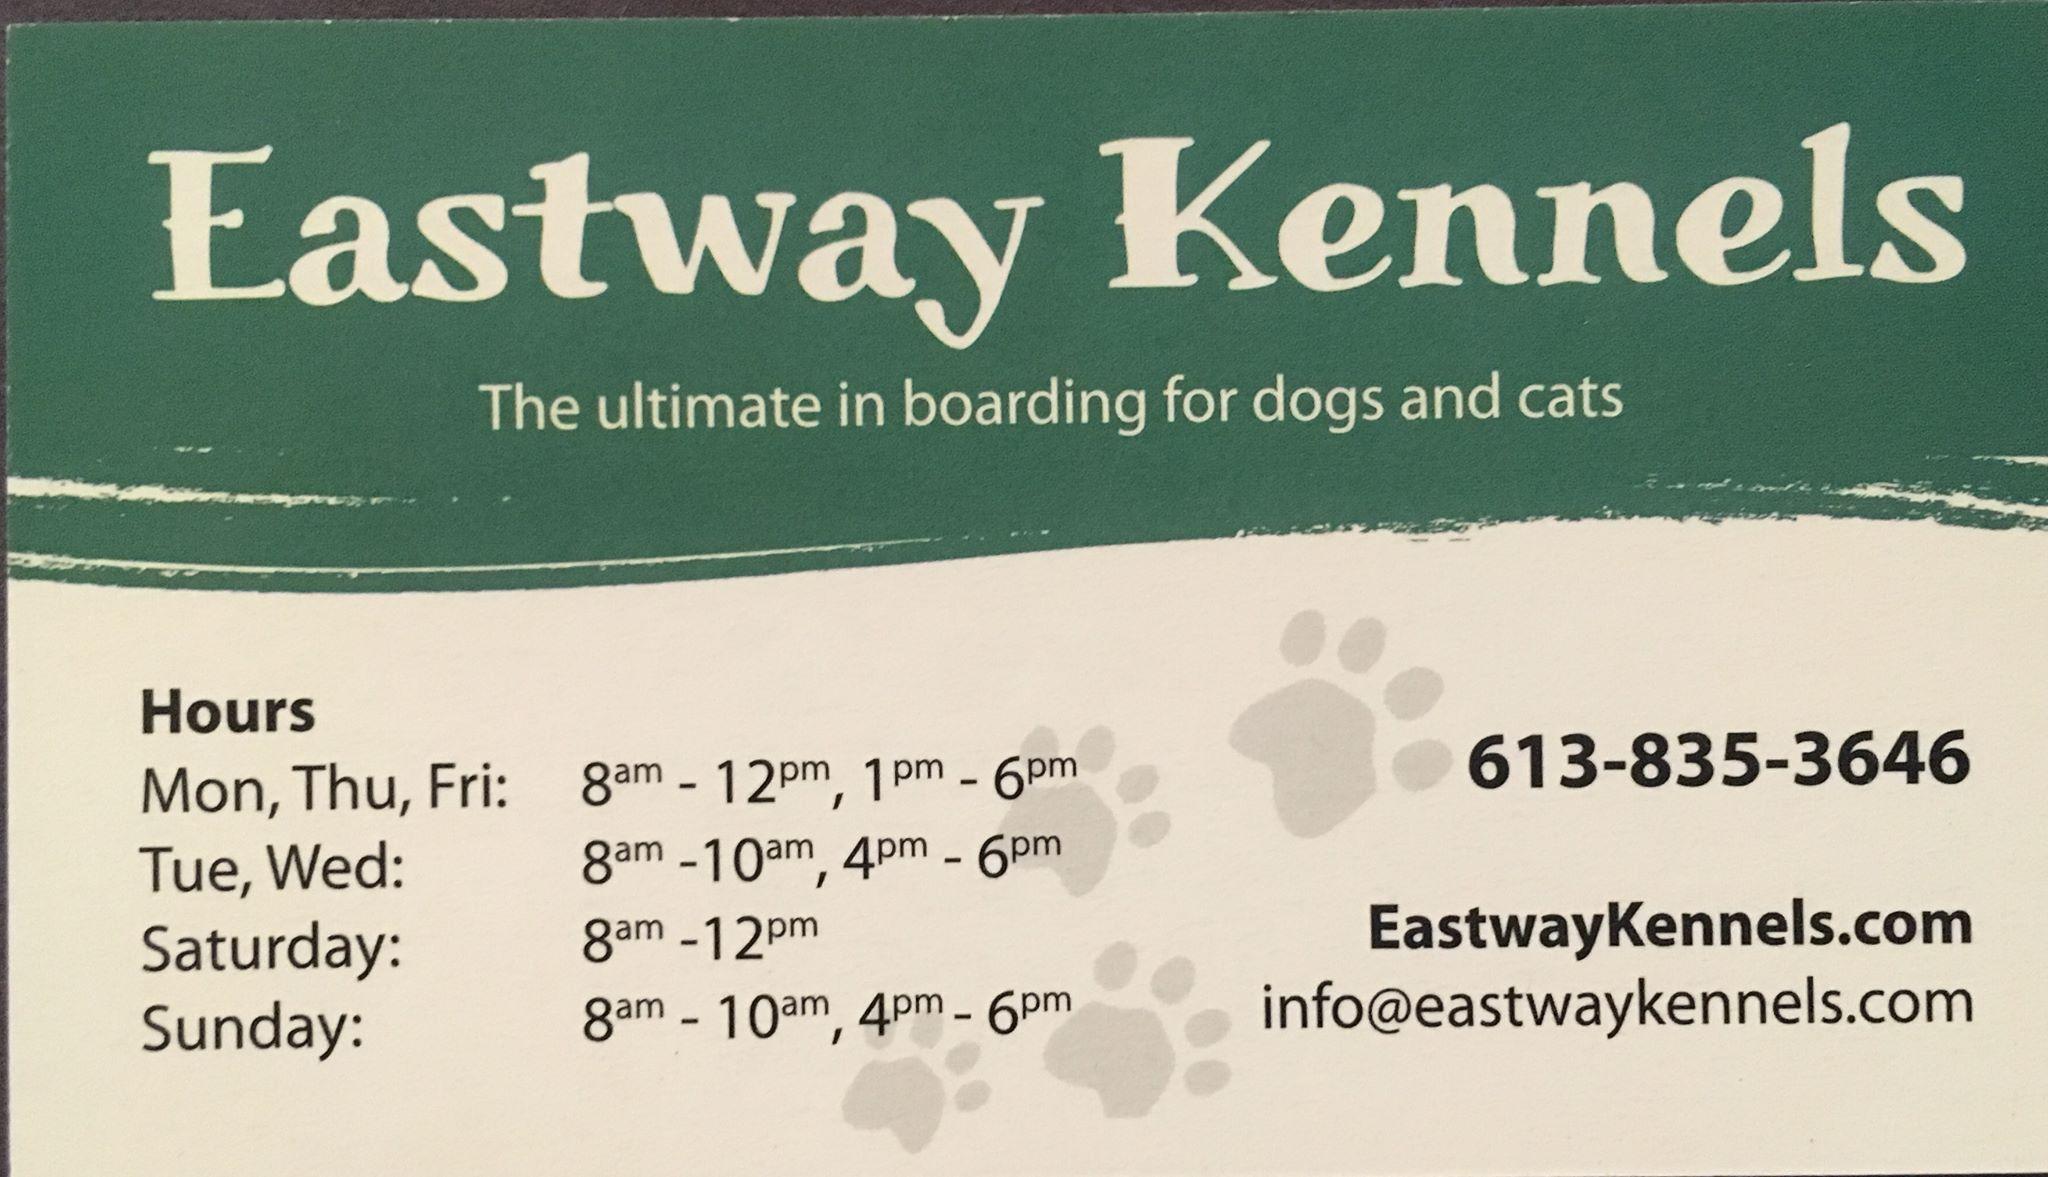 Eastway Kennels